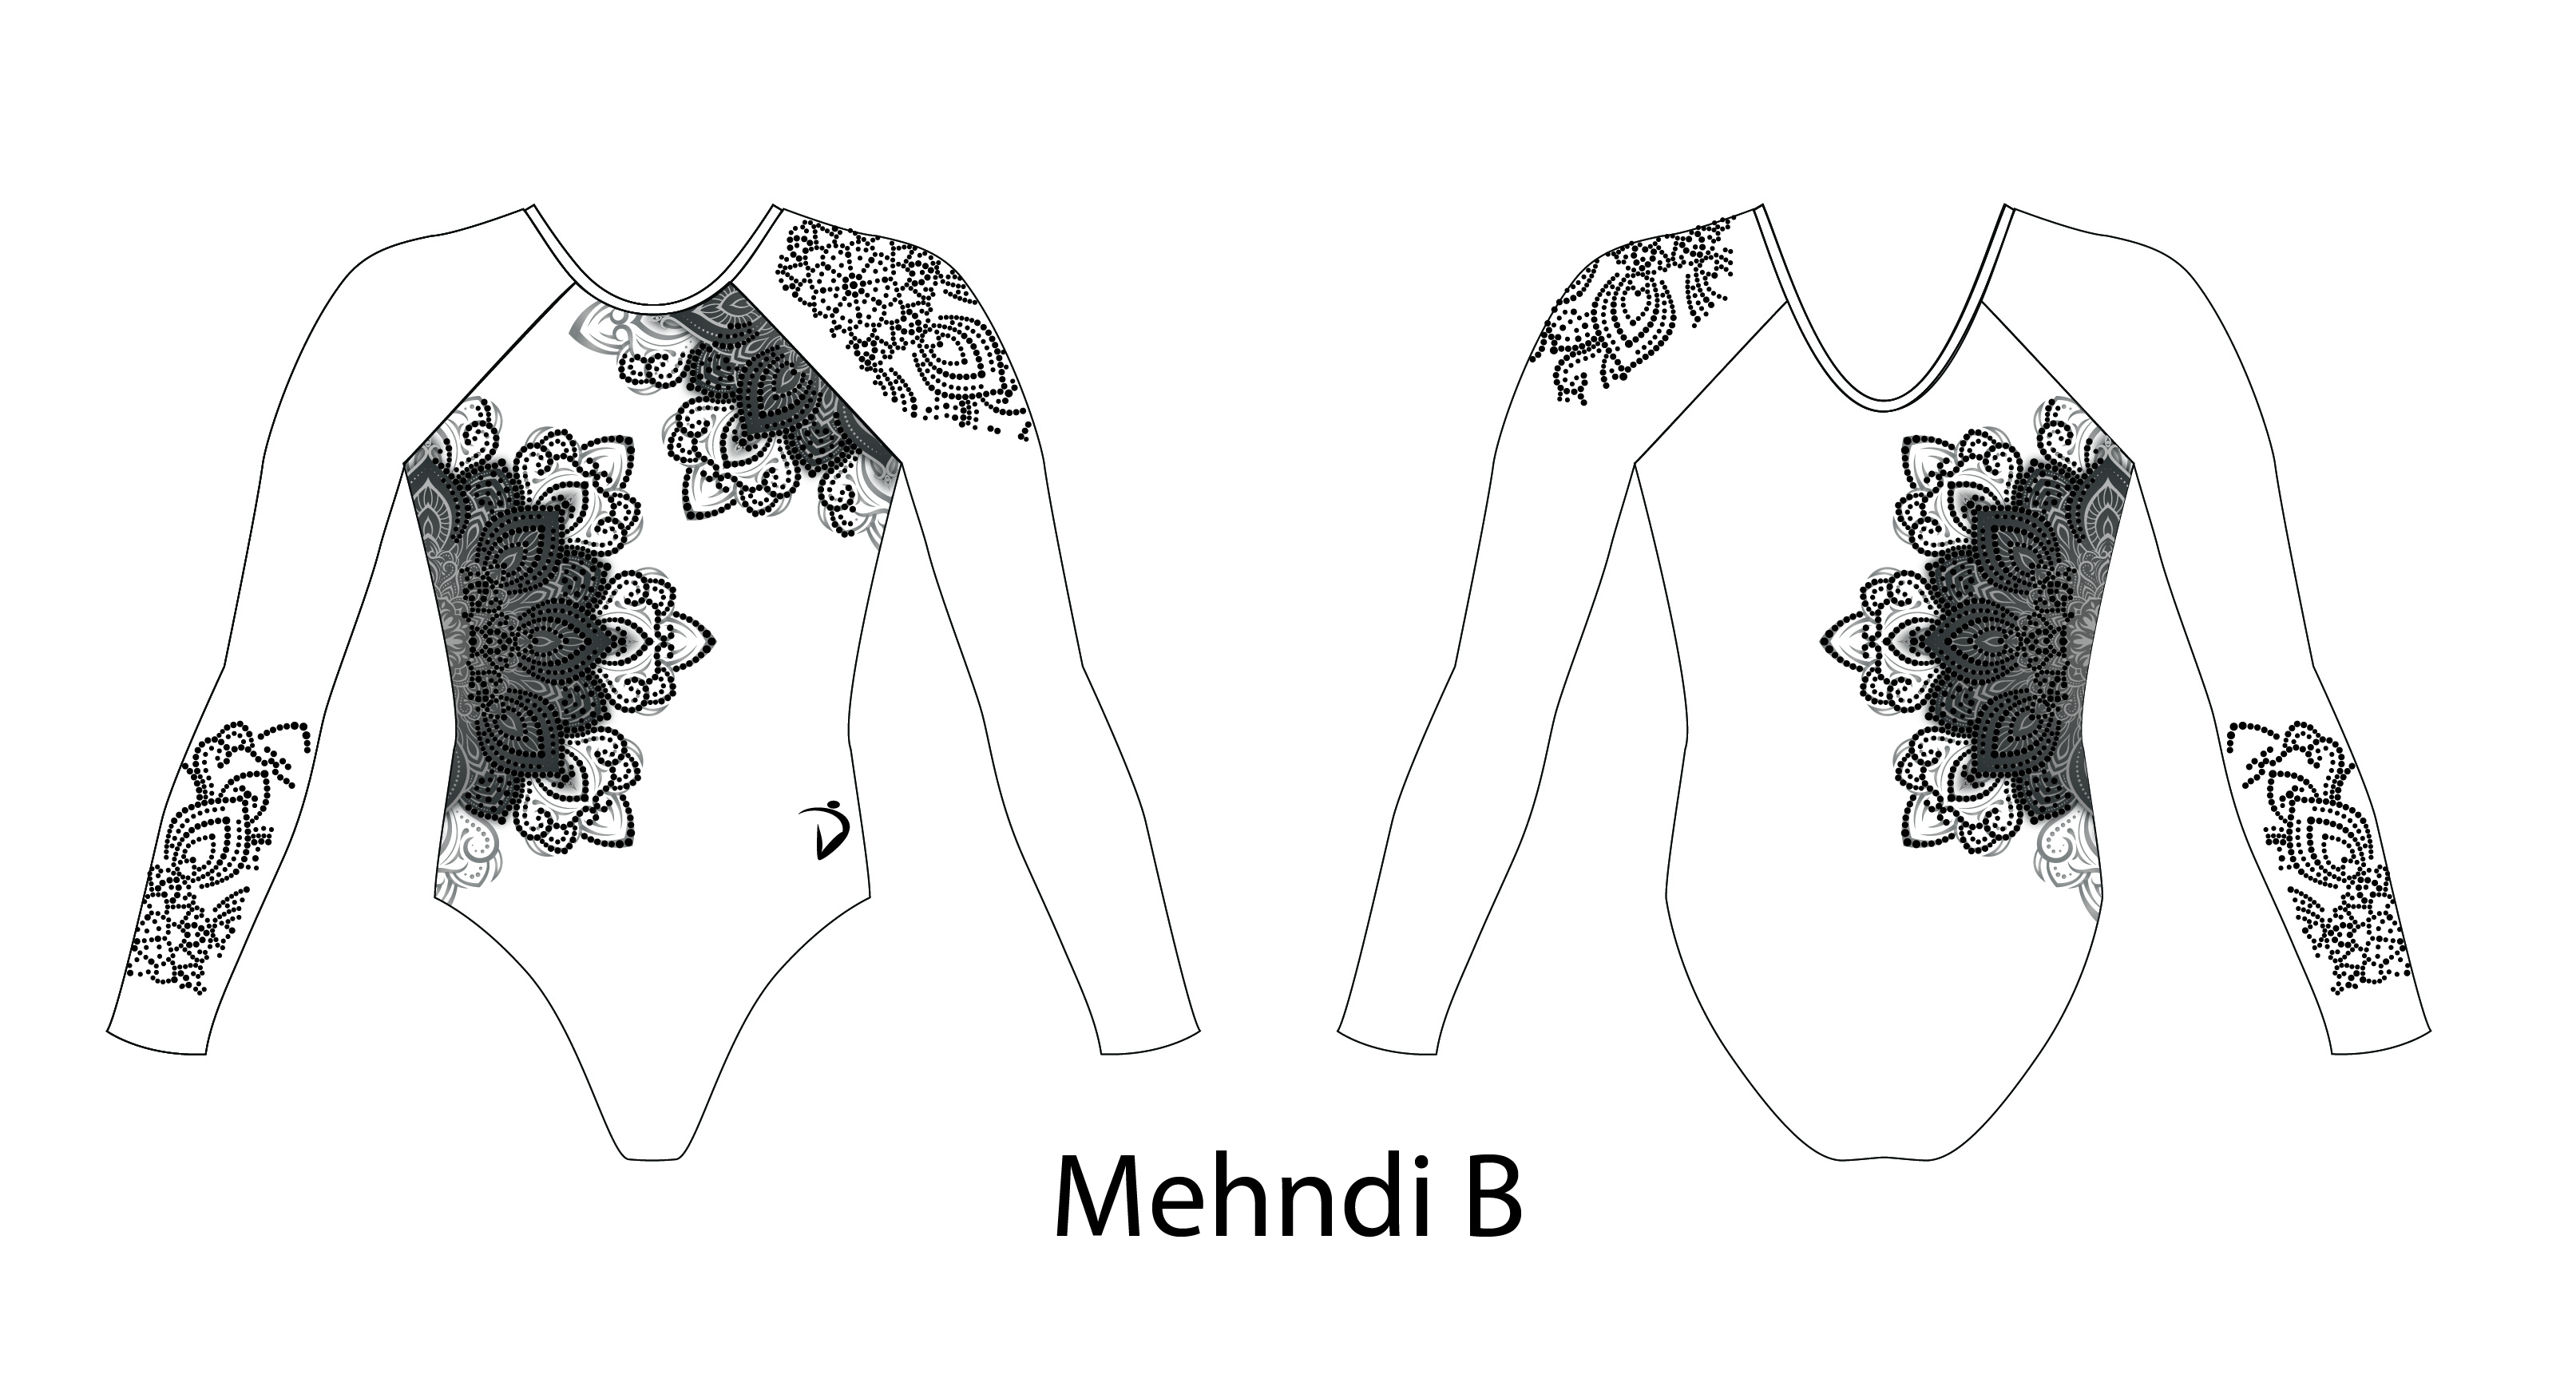 Mehndi B